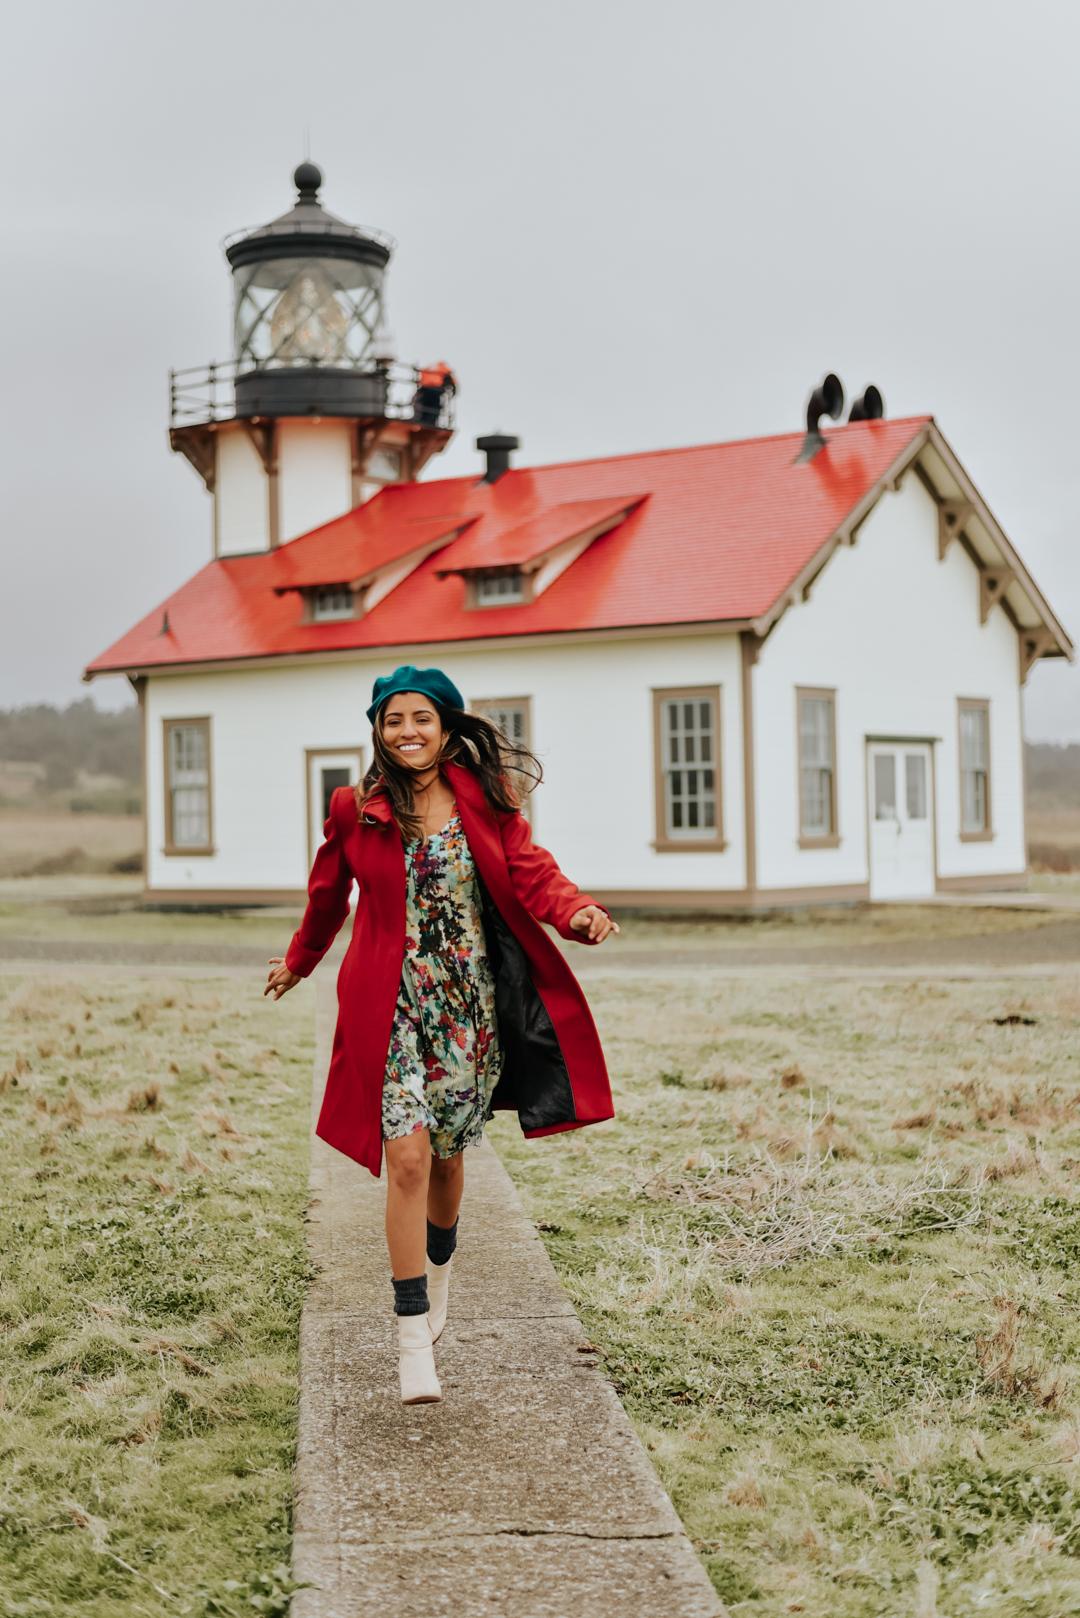 mendocino-point-cabrillo-lighthouse-california 17